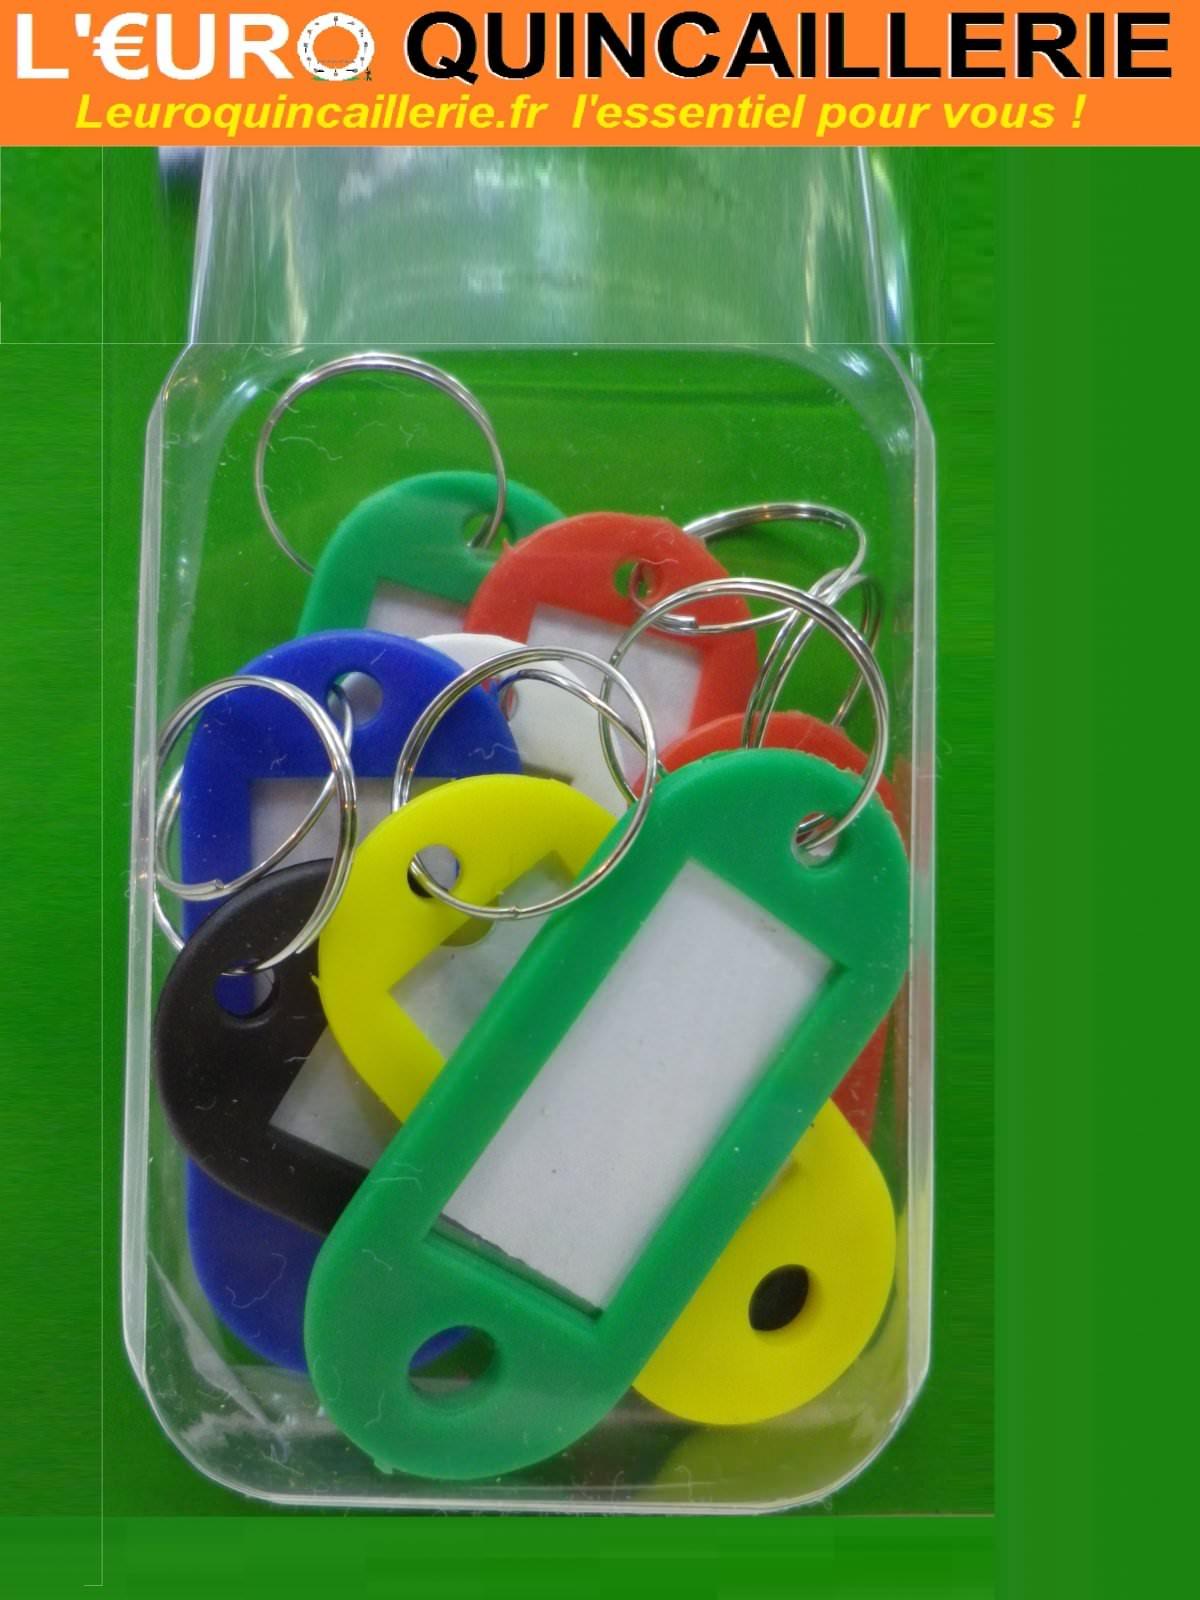 8 Porte-étiquettes plastiques